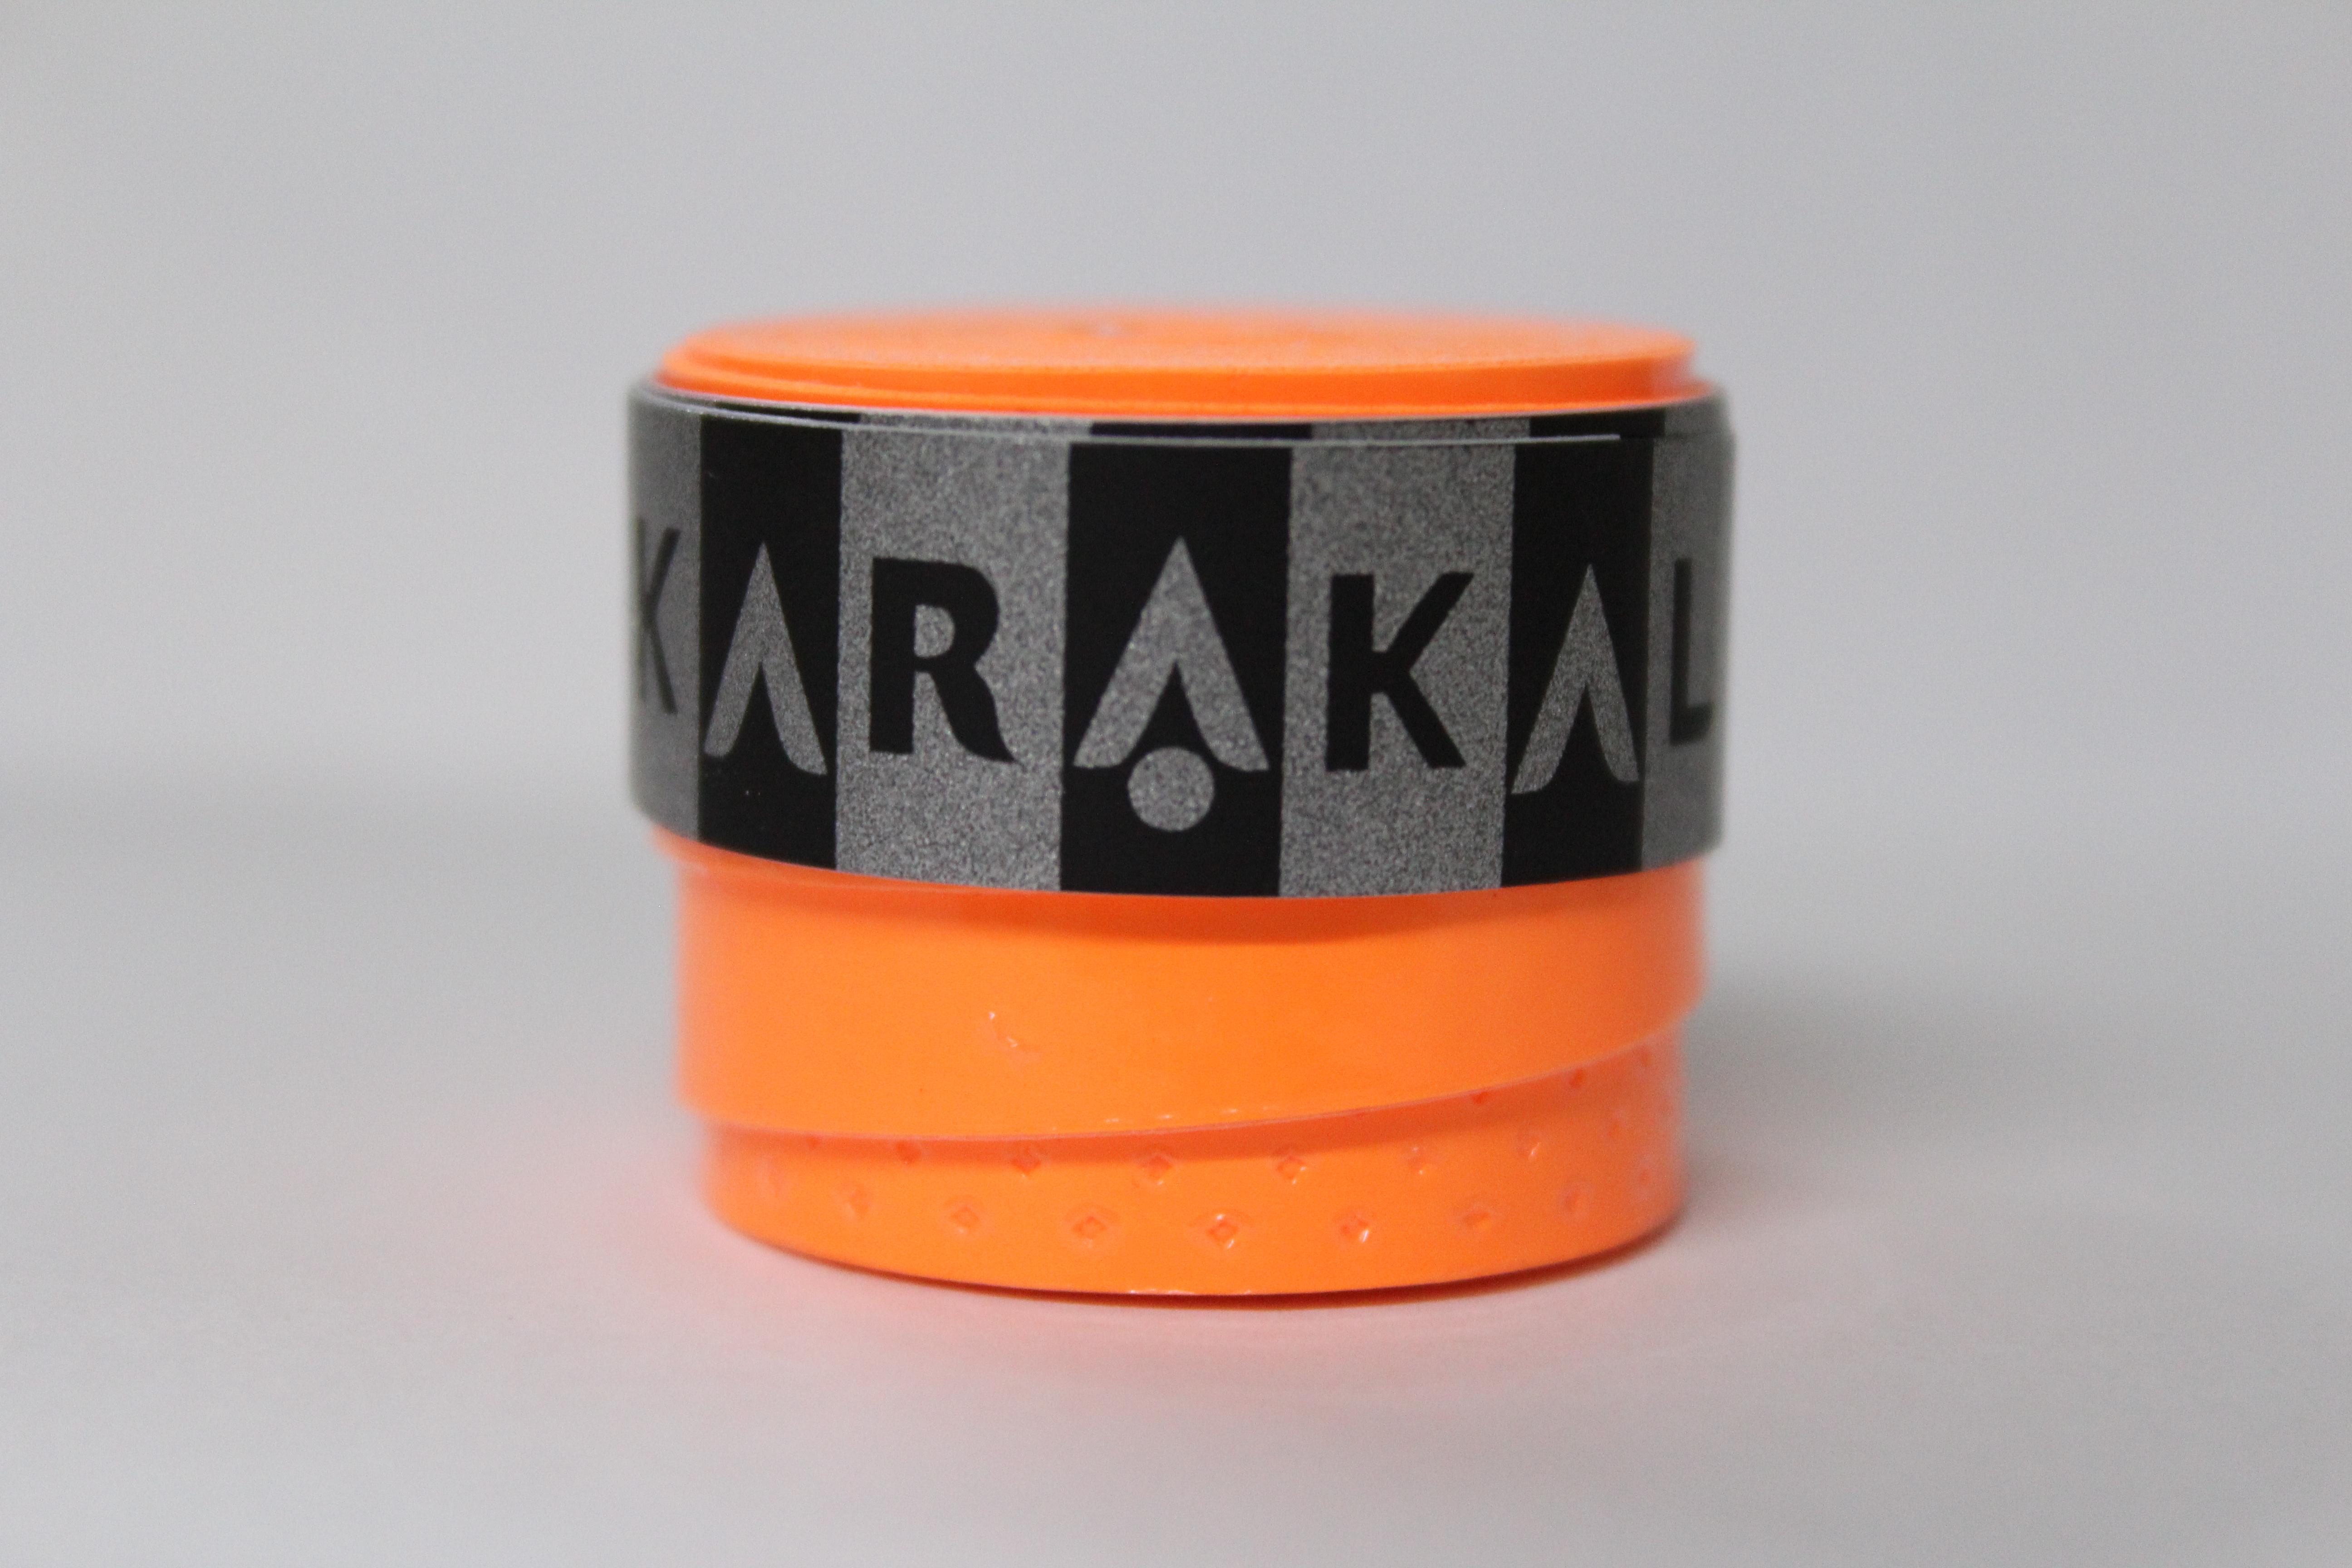 Karakal X Tak Bat Grip Bribar Table Tennis